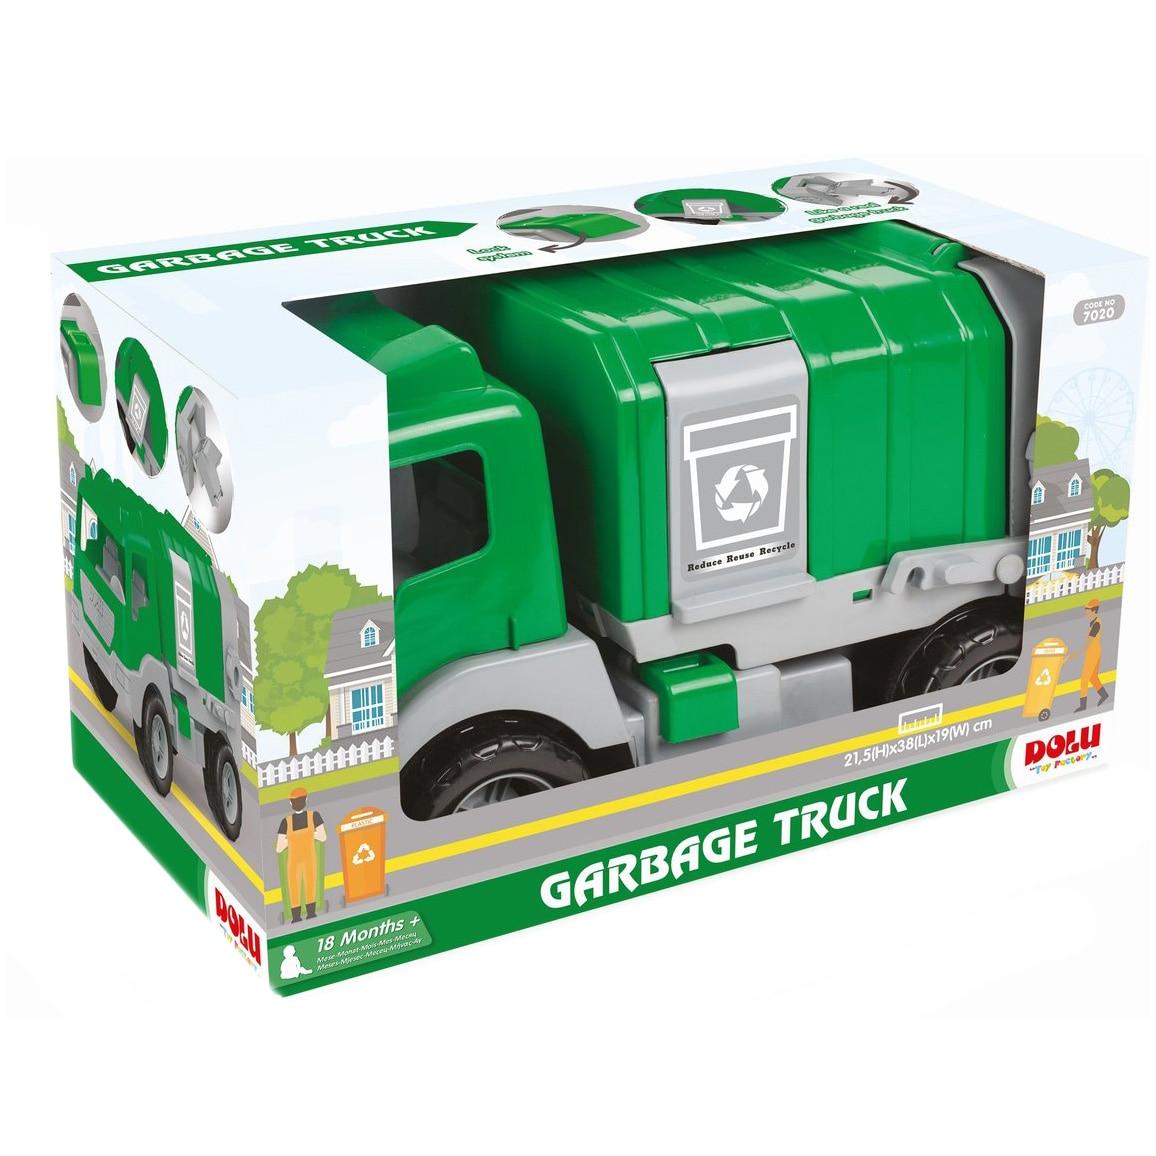 Fotografie Camion de gunoi Dolu, verde, 43 cm